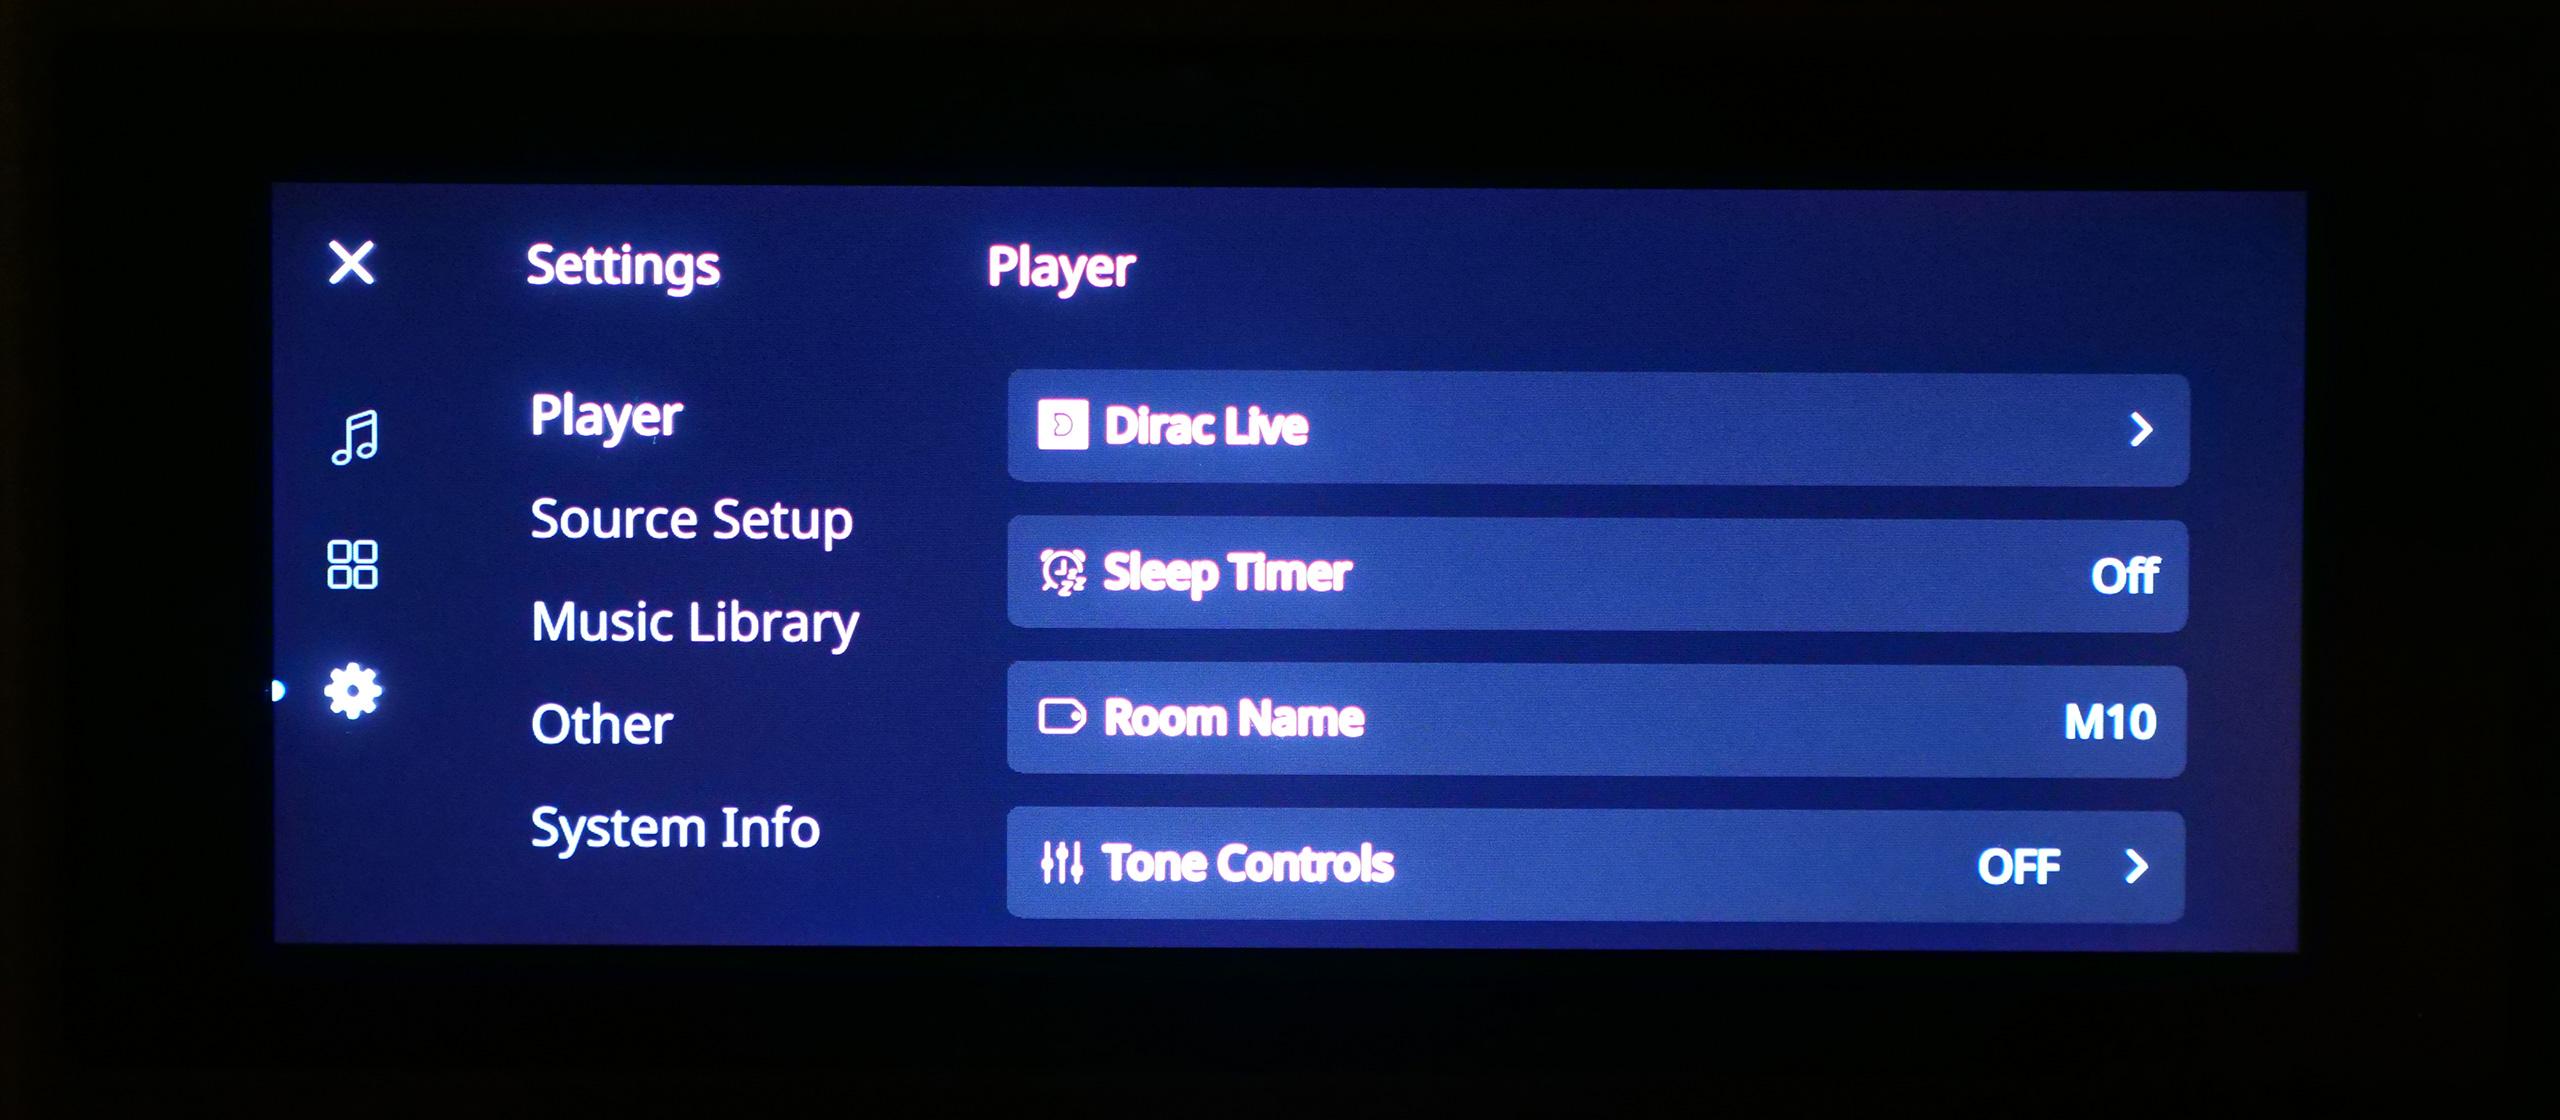 Tous les paramètres du M10 sont accessibles depuis l'écran tactile.